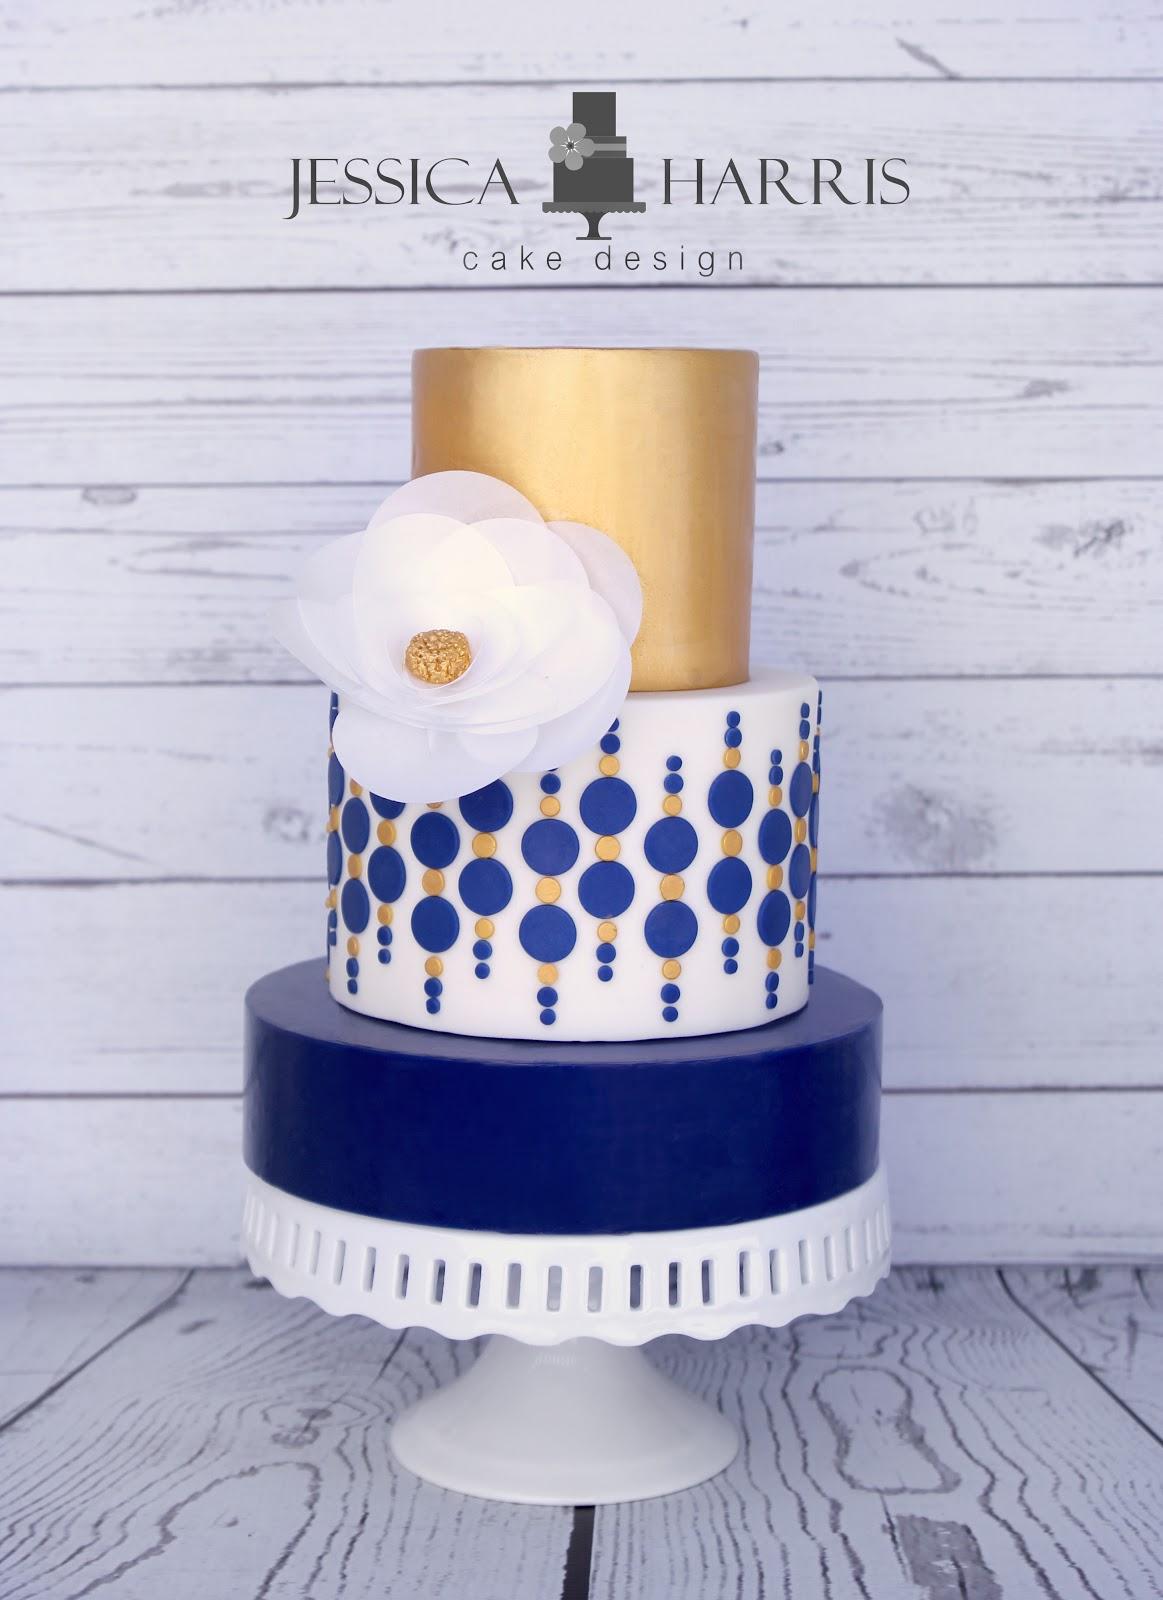 How To Transfer A Design Onto A Cake